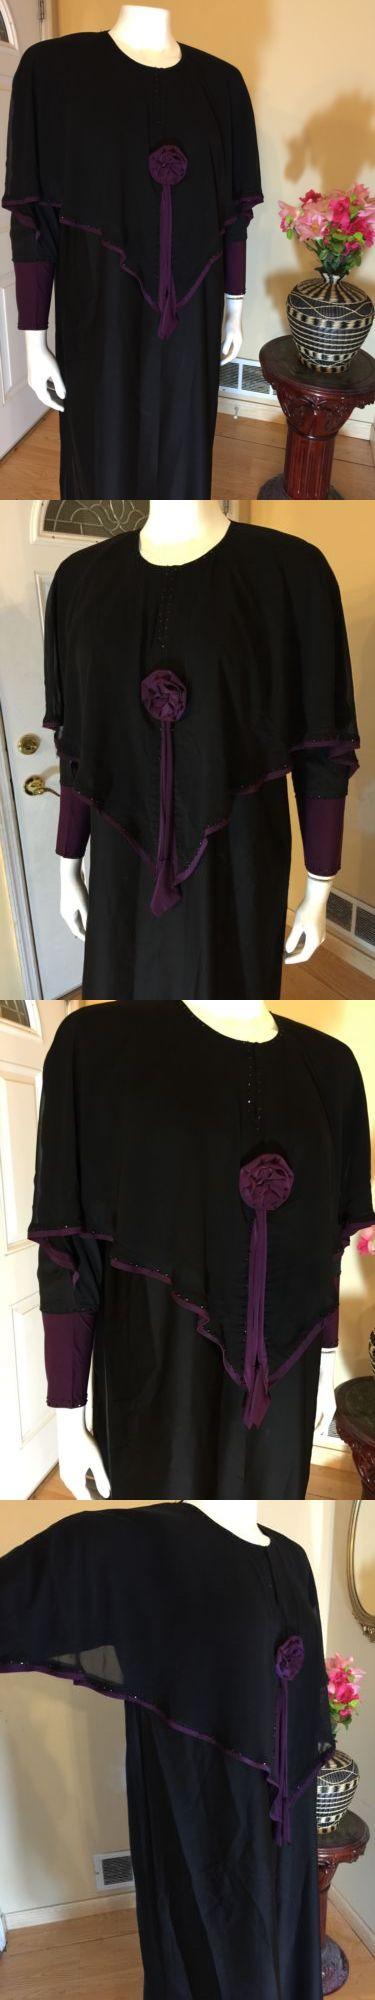 Middle East 155253: Black Khaleeji Saudi Abaya Jilbab With Hijab Size Xl 60 -> BUY IT NOW ONLY: $44.99 on eBay!